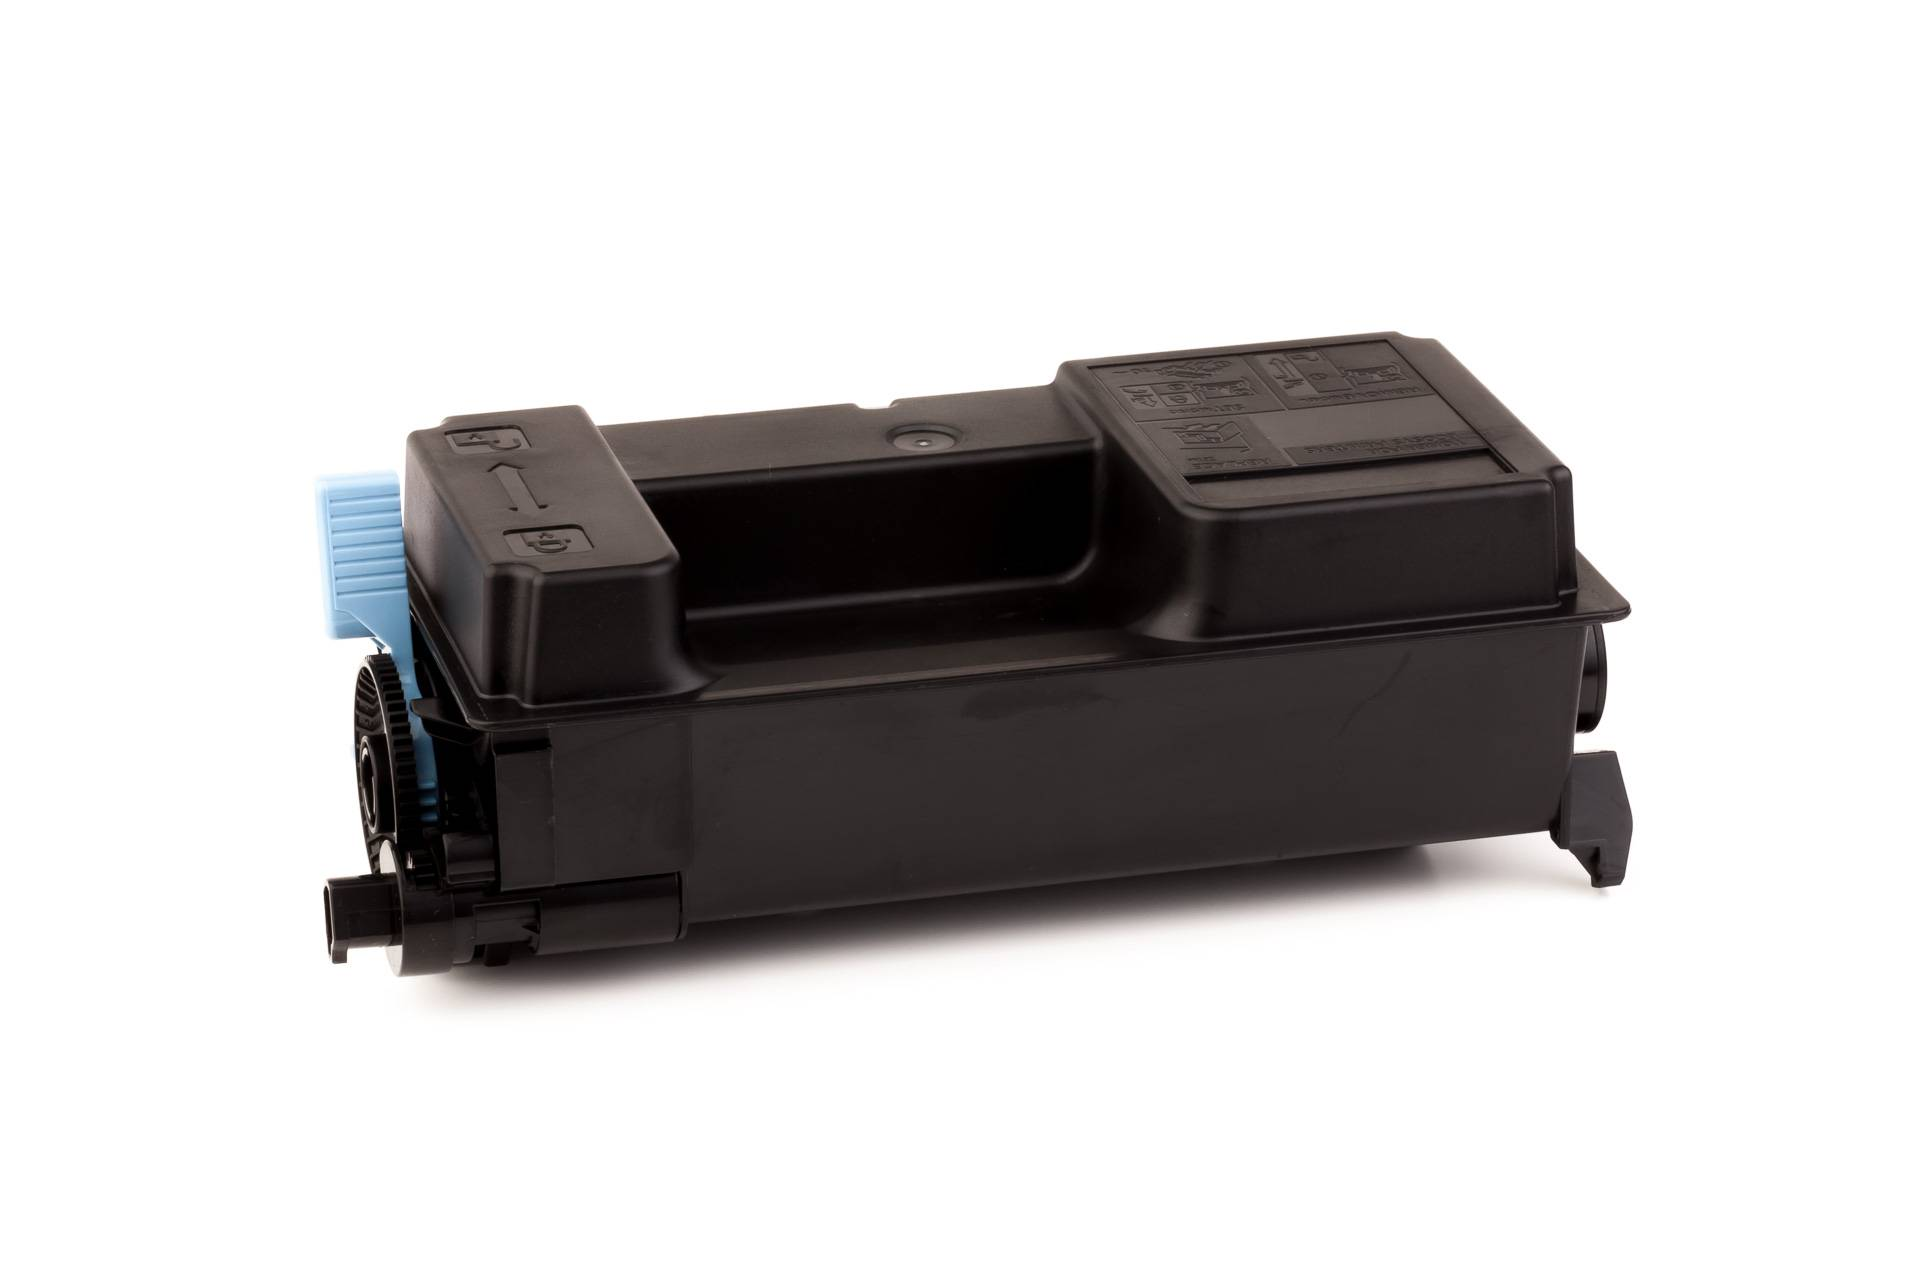 Kyocera Cartouche de Toner pour Kyocera 1T02MT0NL0 / TK-3110 noir compatible (de marque ASC)